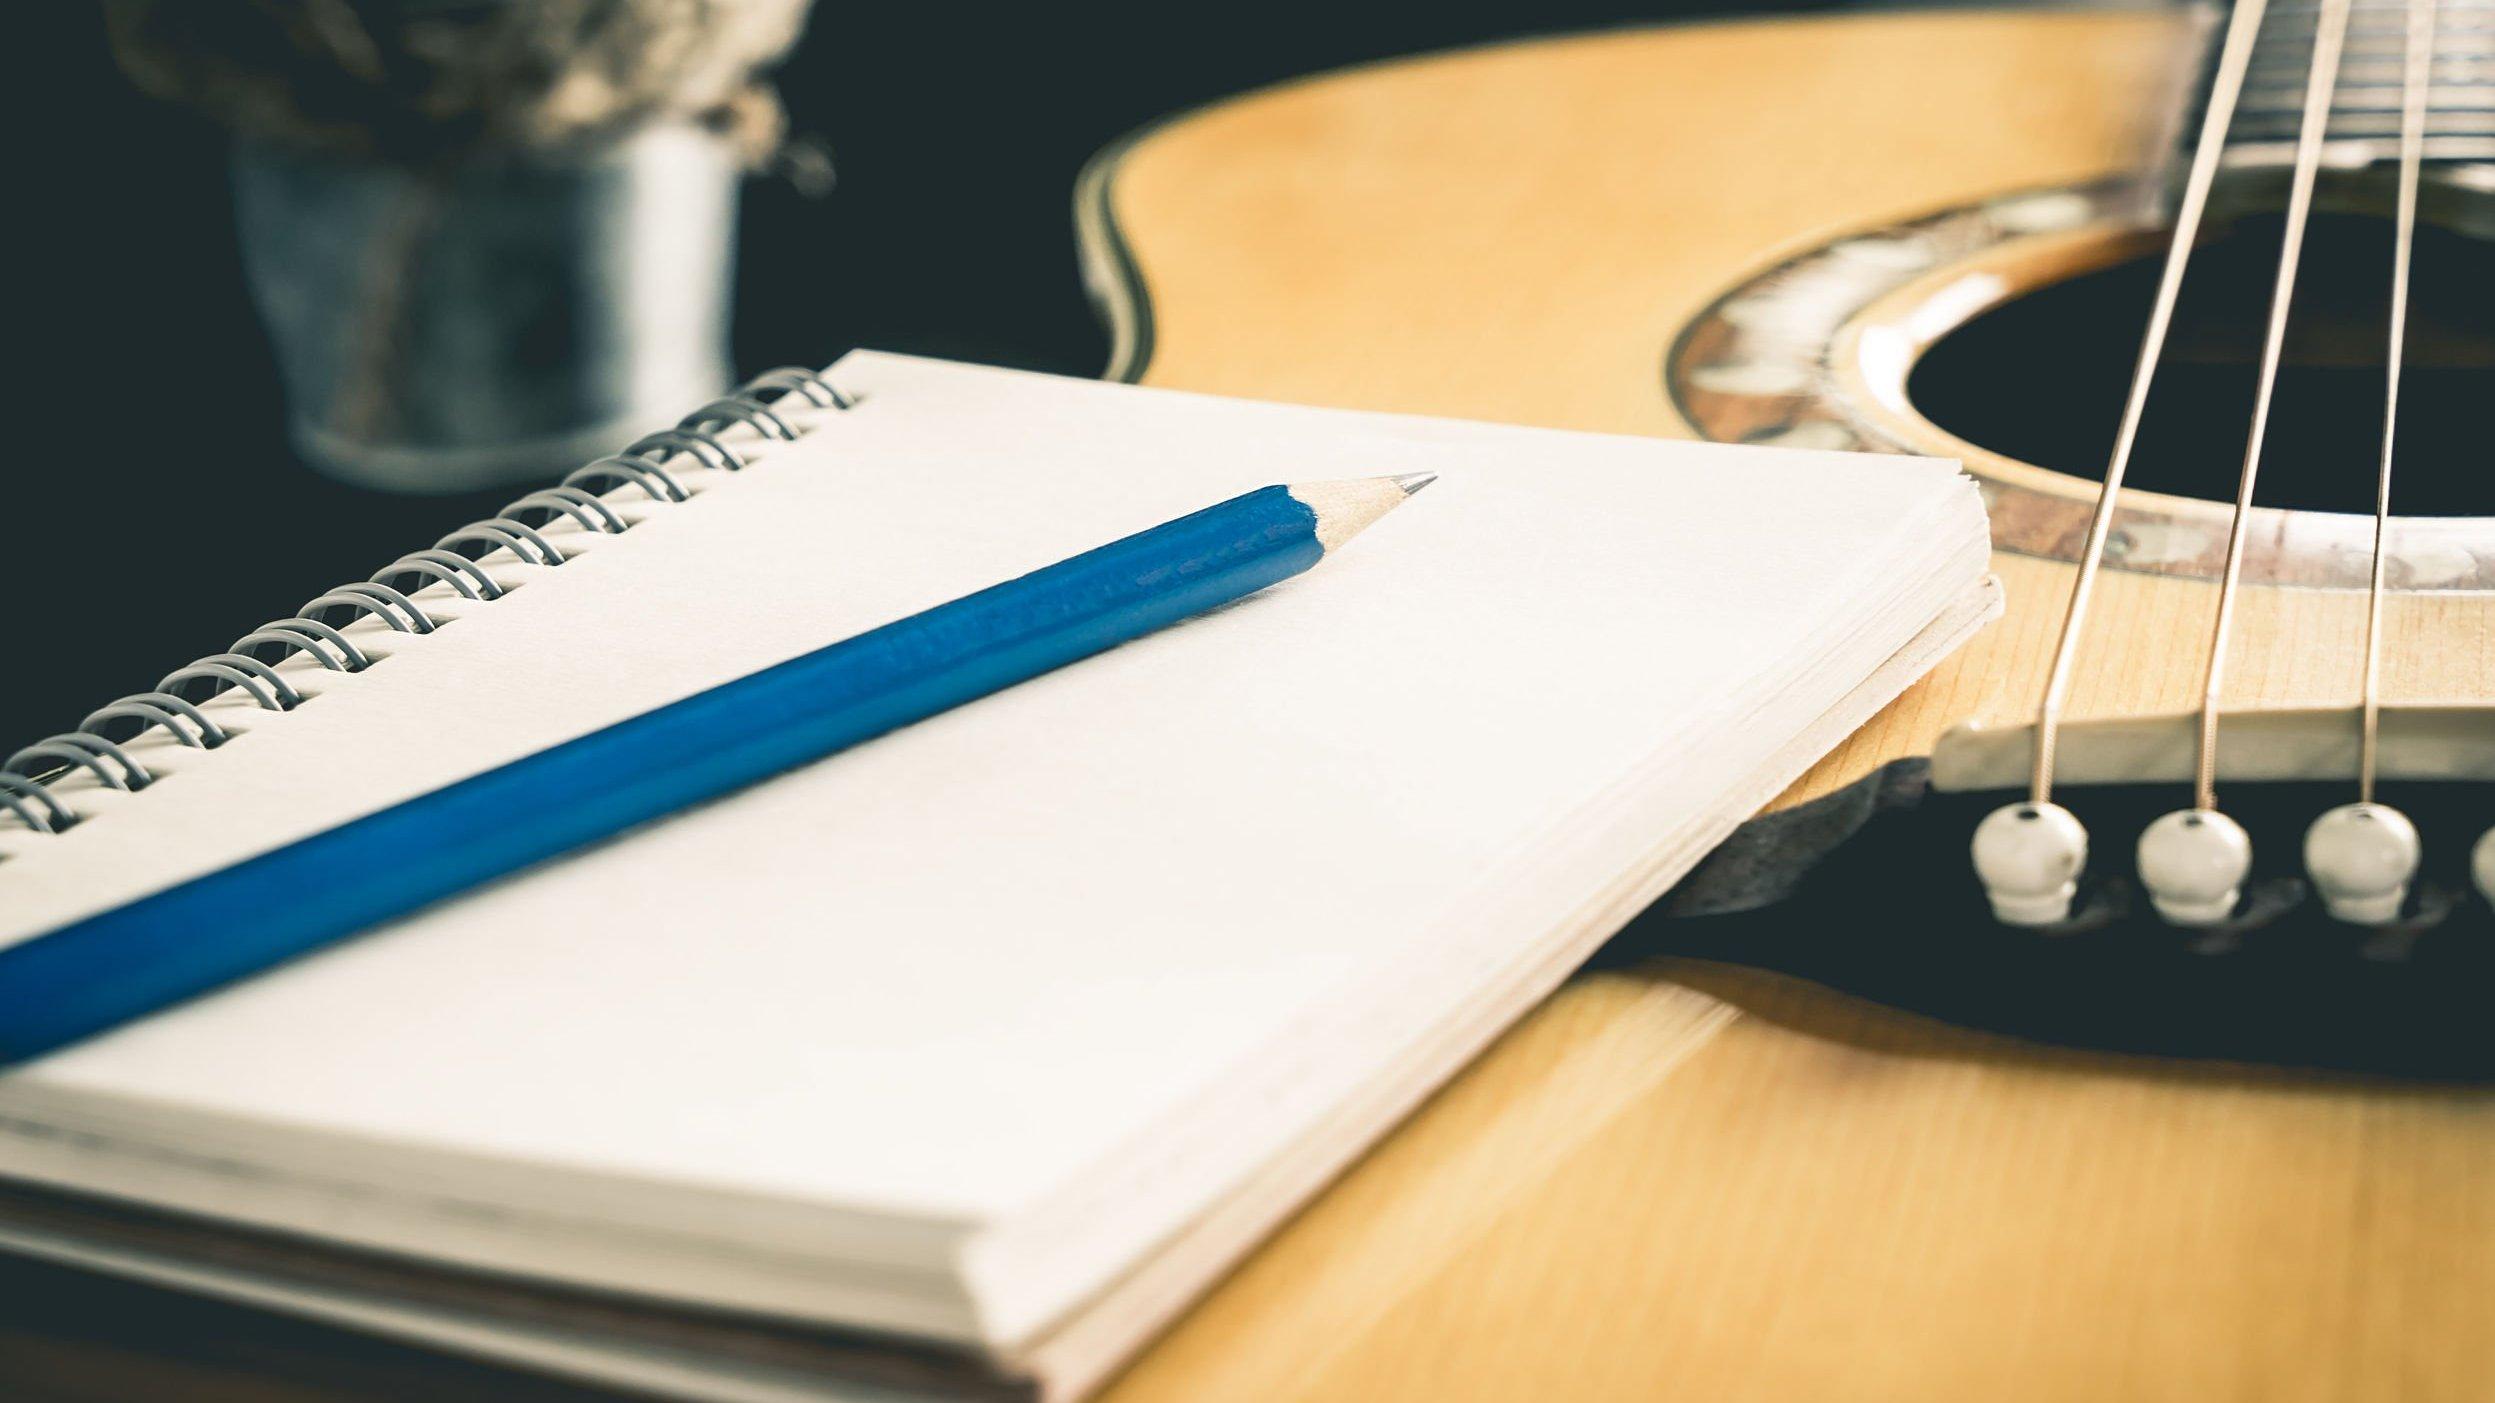 Caderno branco aberto com lápis em cima sobre um violão.